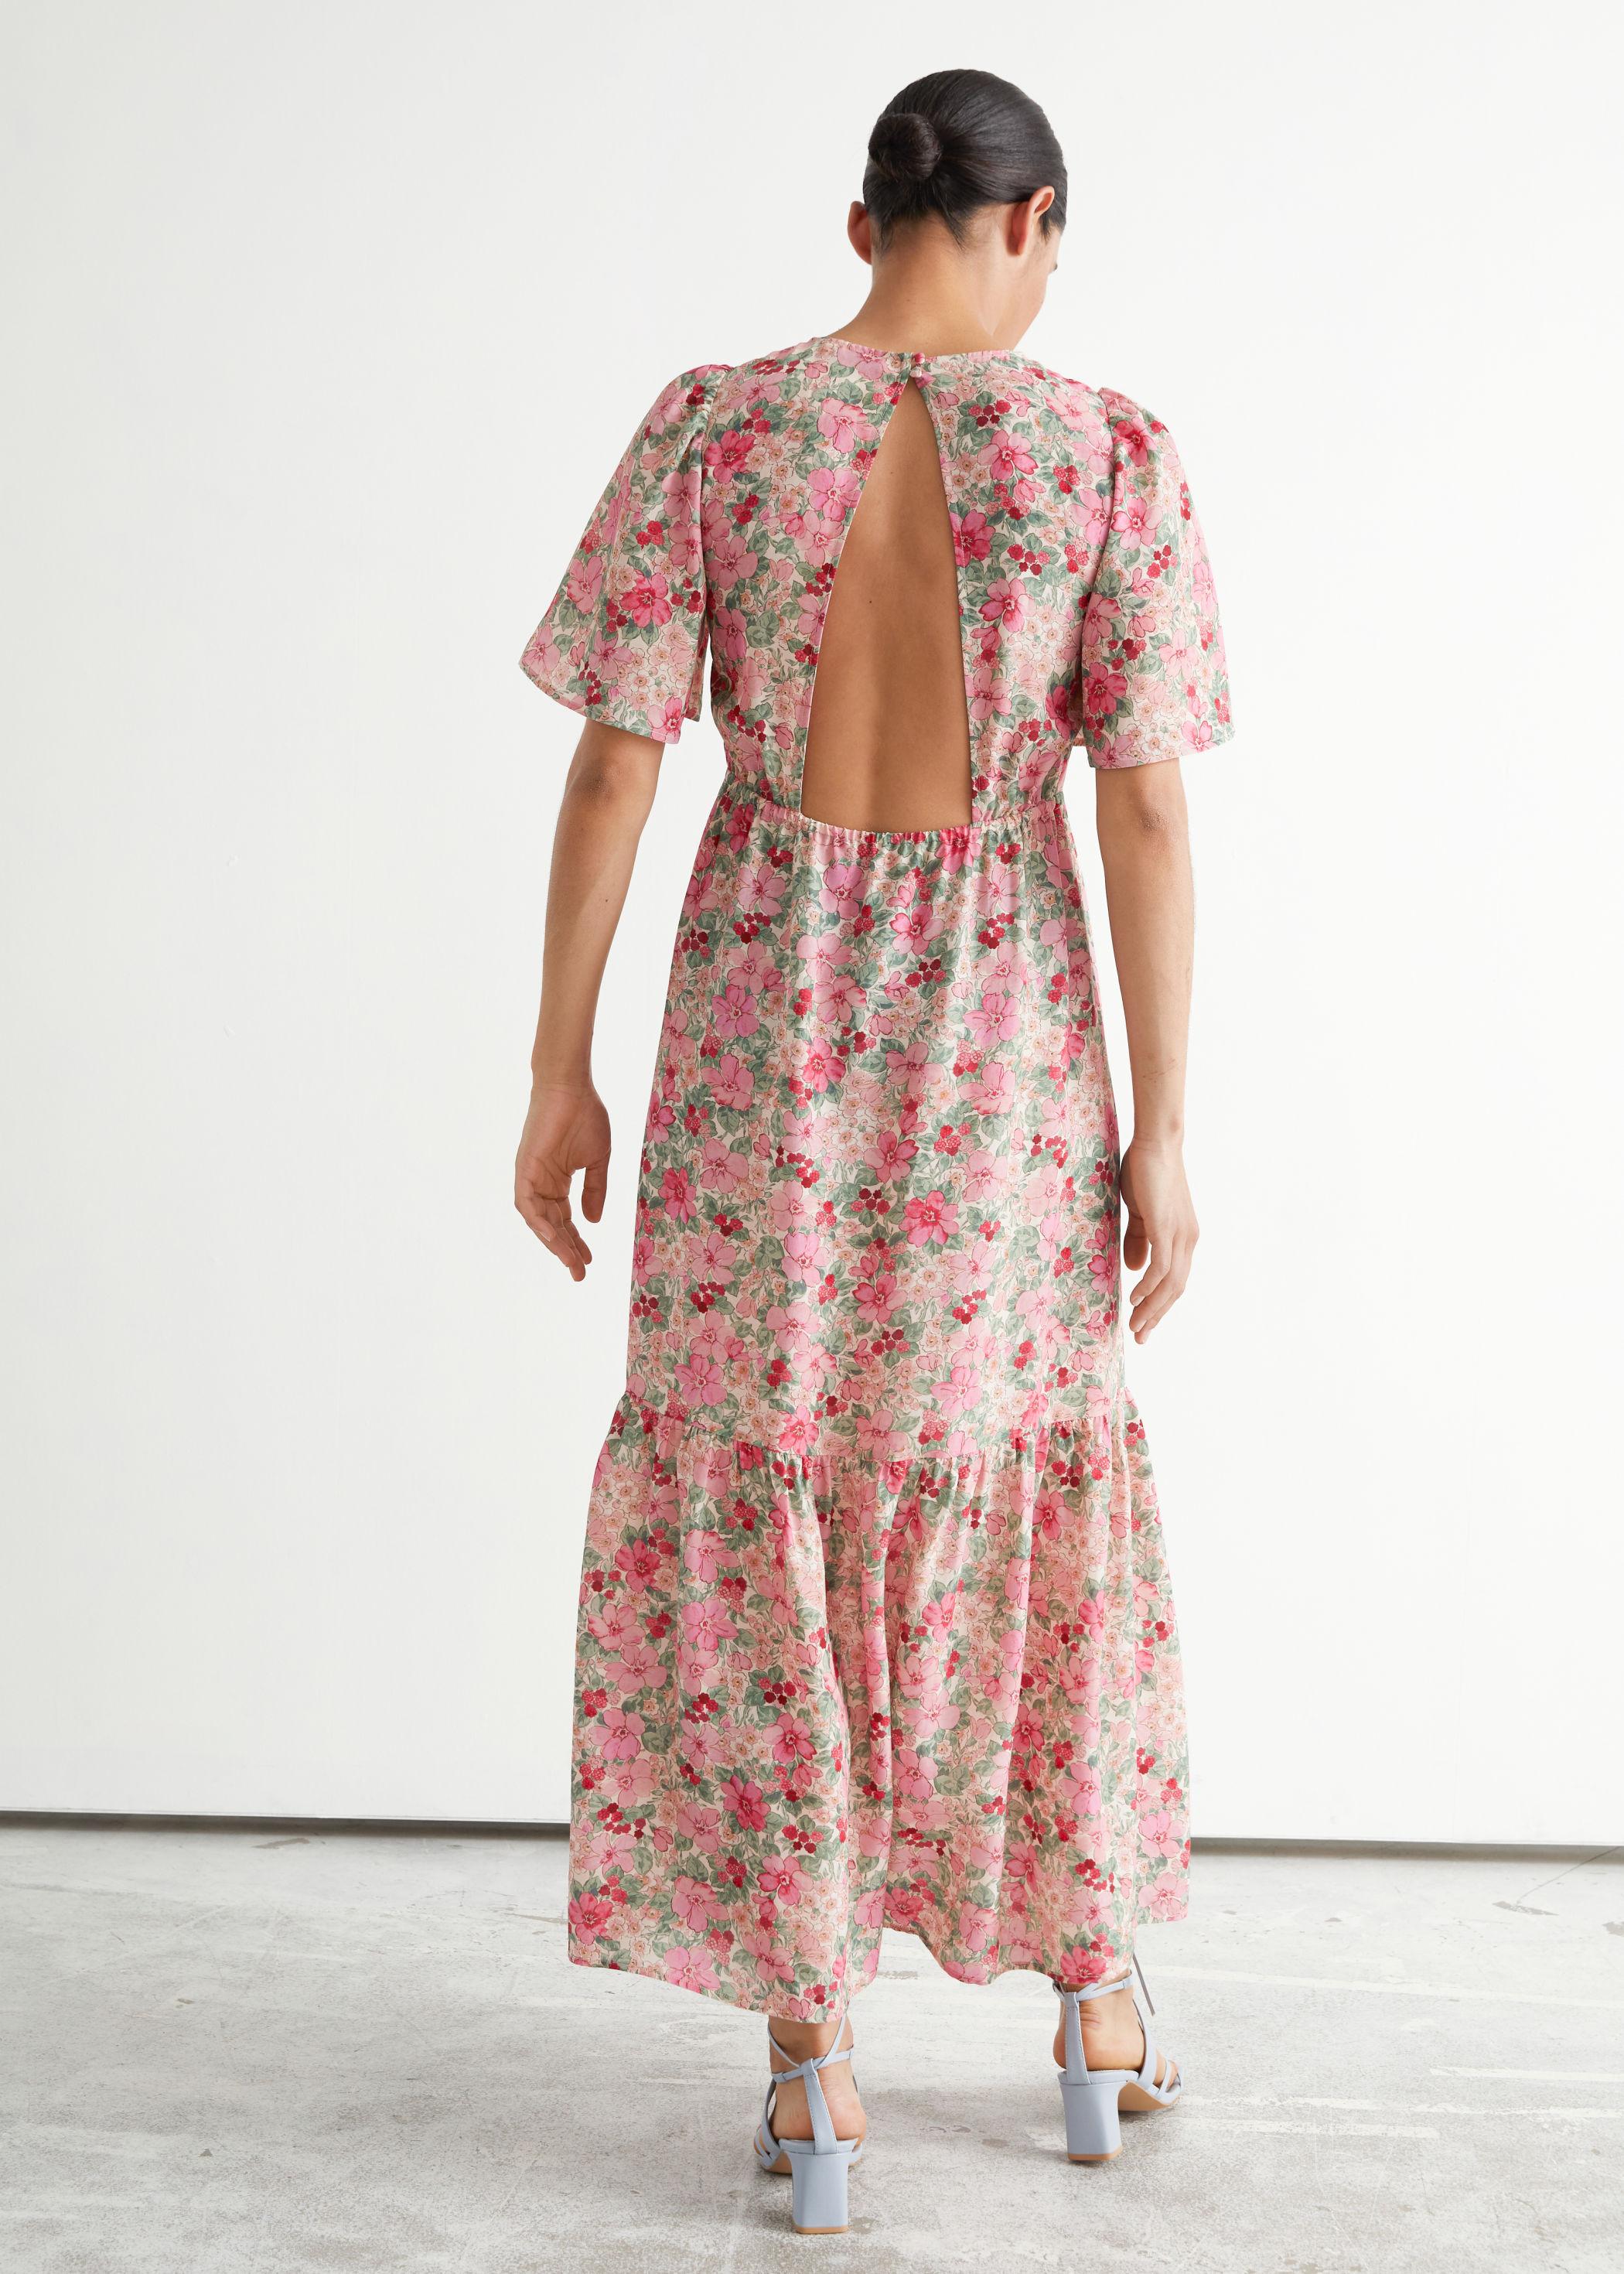 Blomstrete kjole med åpen rygg